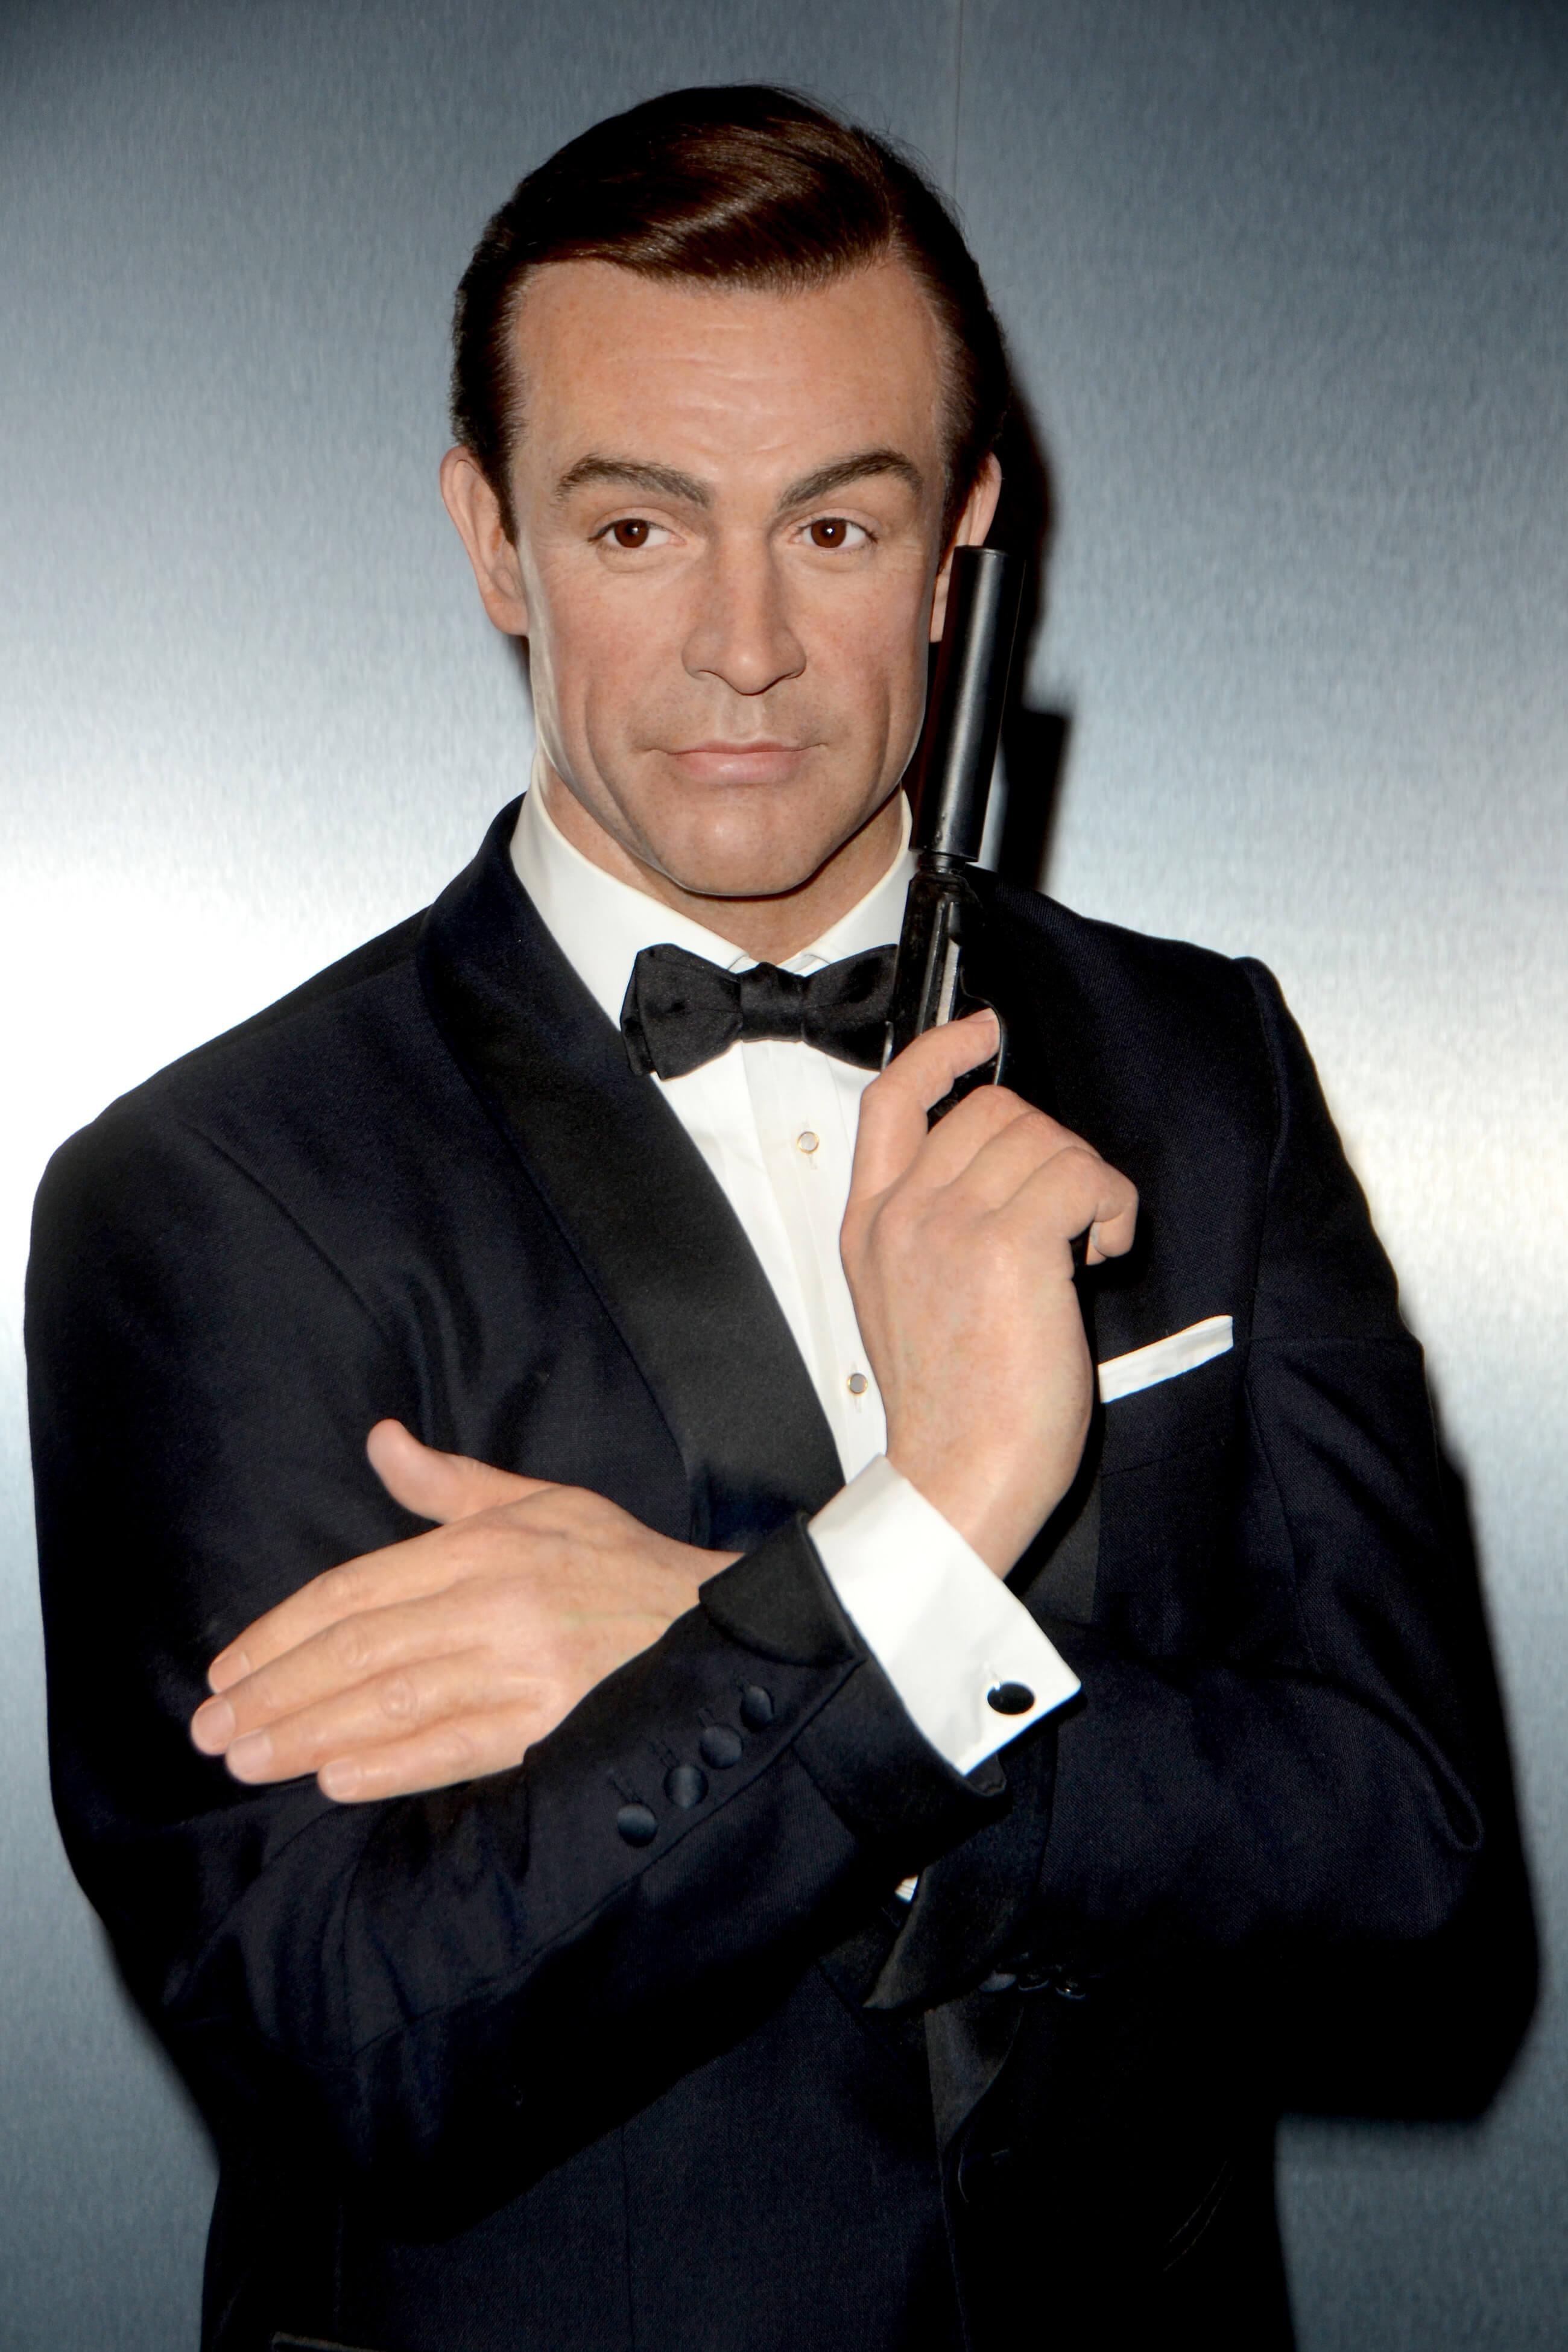 Sean Connery posing with a gun as James Bond in Dr. No 1962